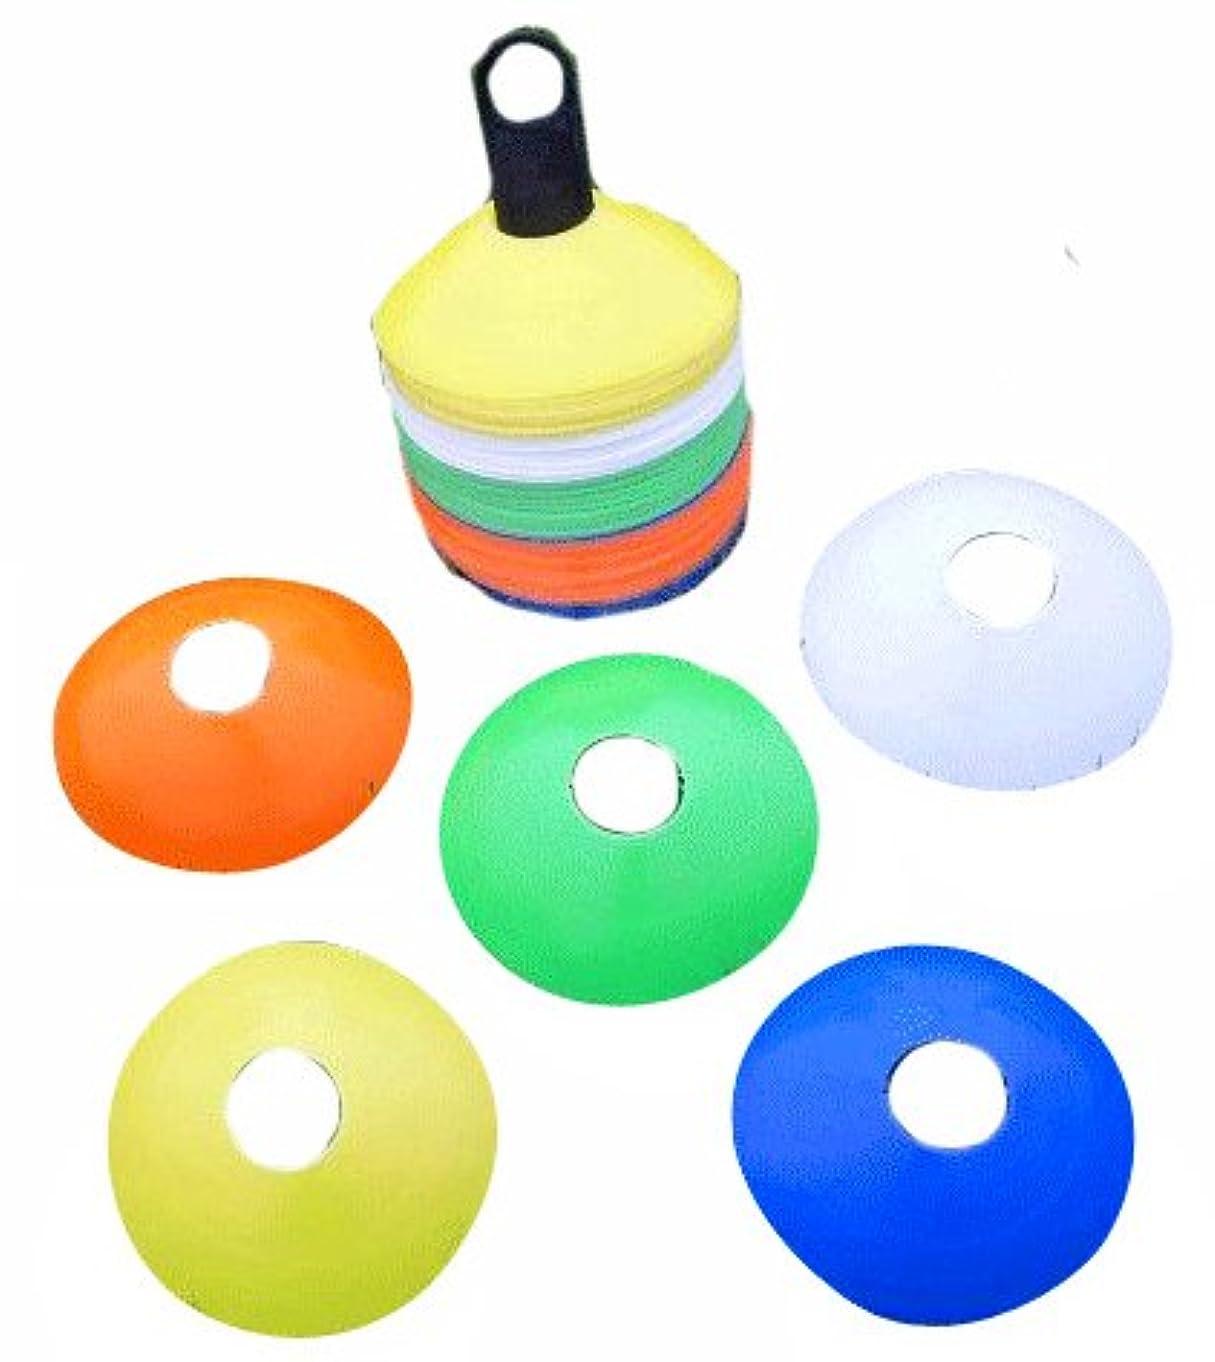 恋人スイ設置[XPデザイン] 風防 マーカーコーン ミニ カラーコーン シリコン フィールドフォース ドローン サッカー マーカー